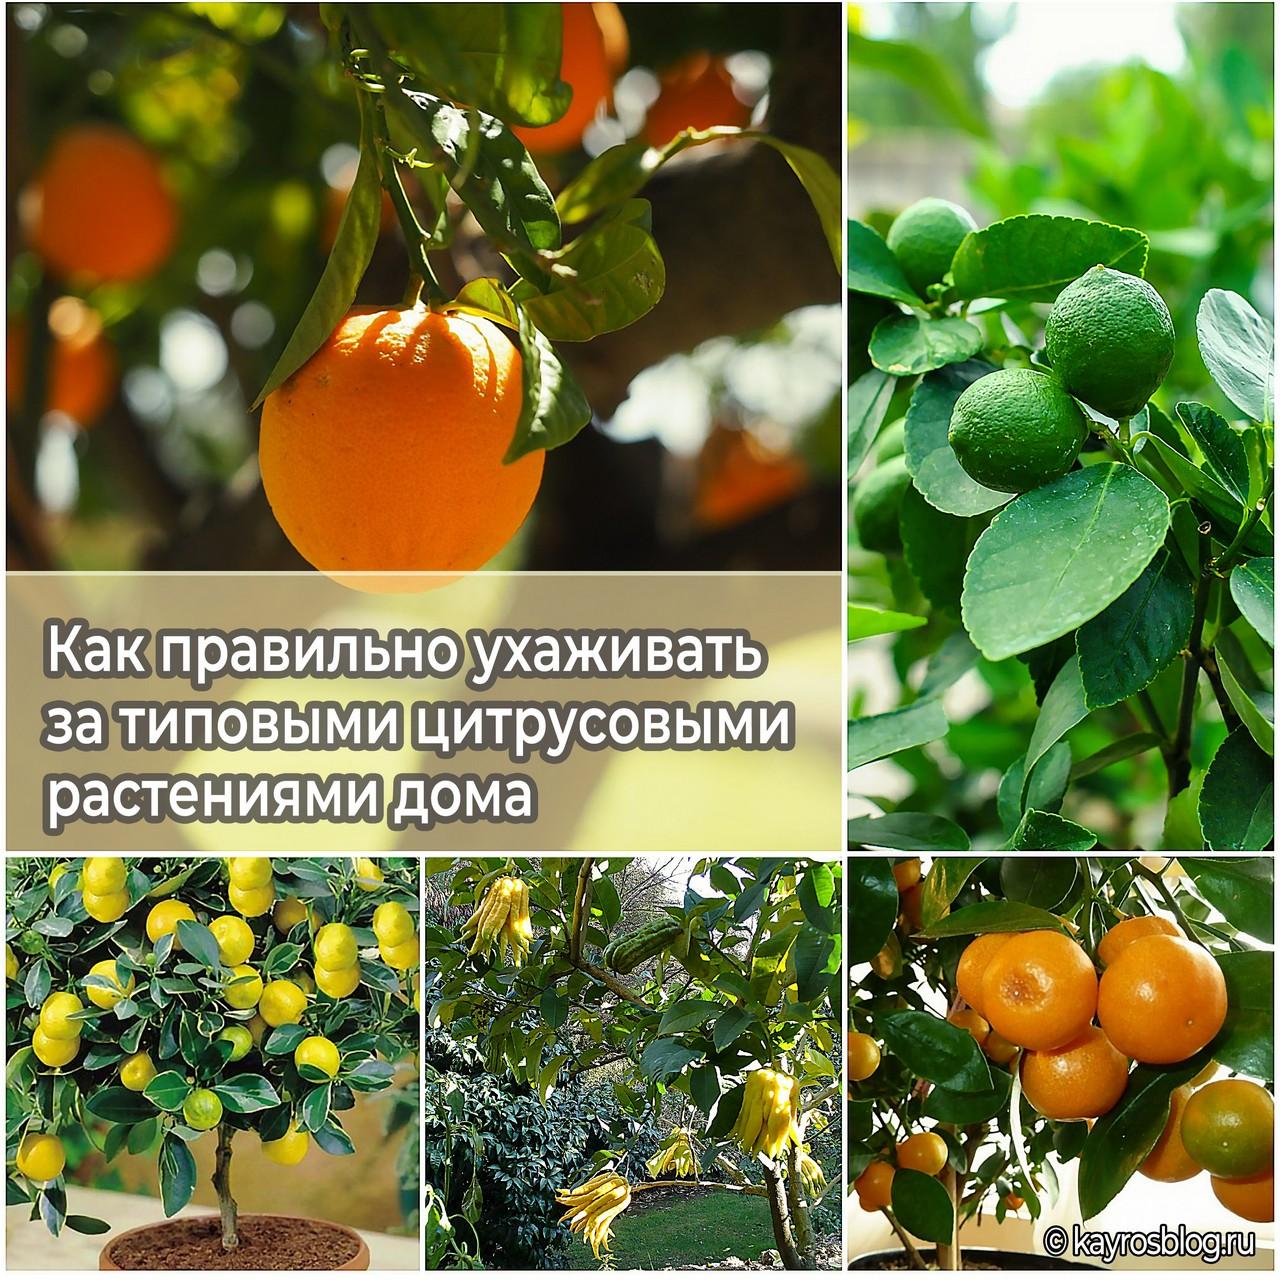 Как правильно ухаживать за типовыми цитрусовыми растениями дома